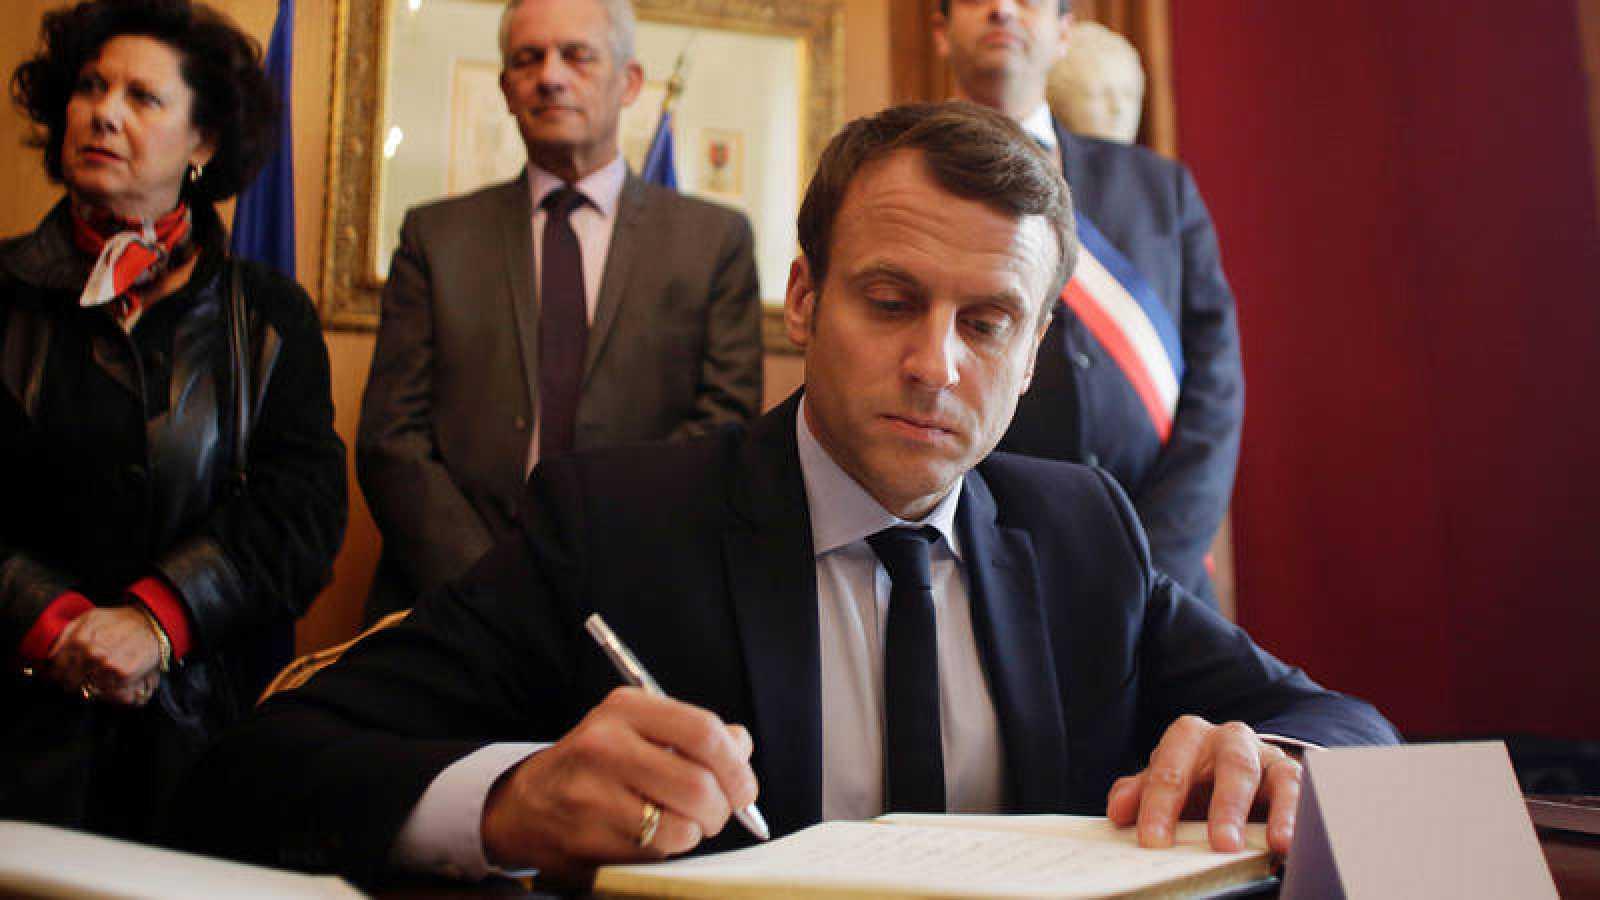 El candidato a las elecciones francesas, Emmanuel Macron